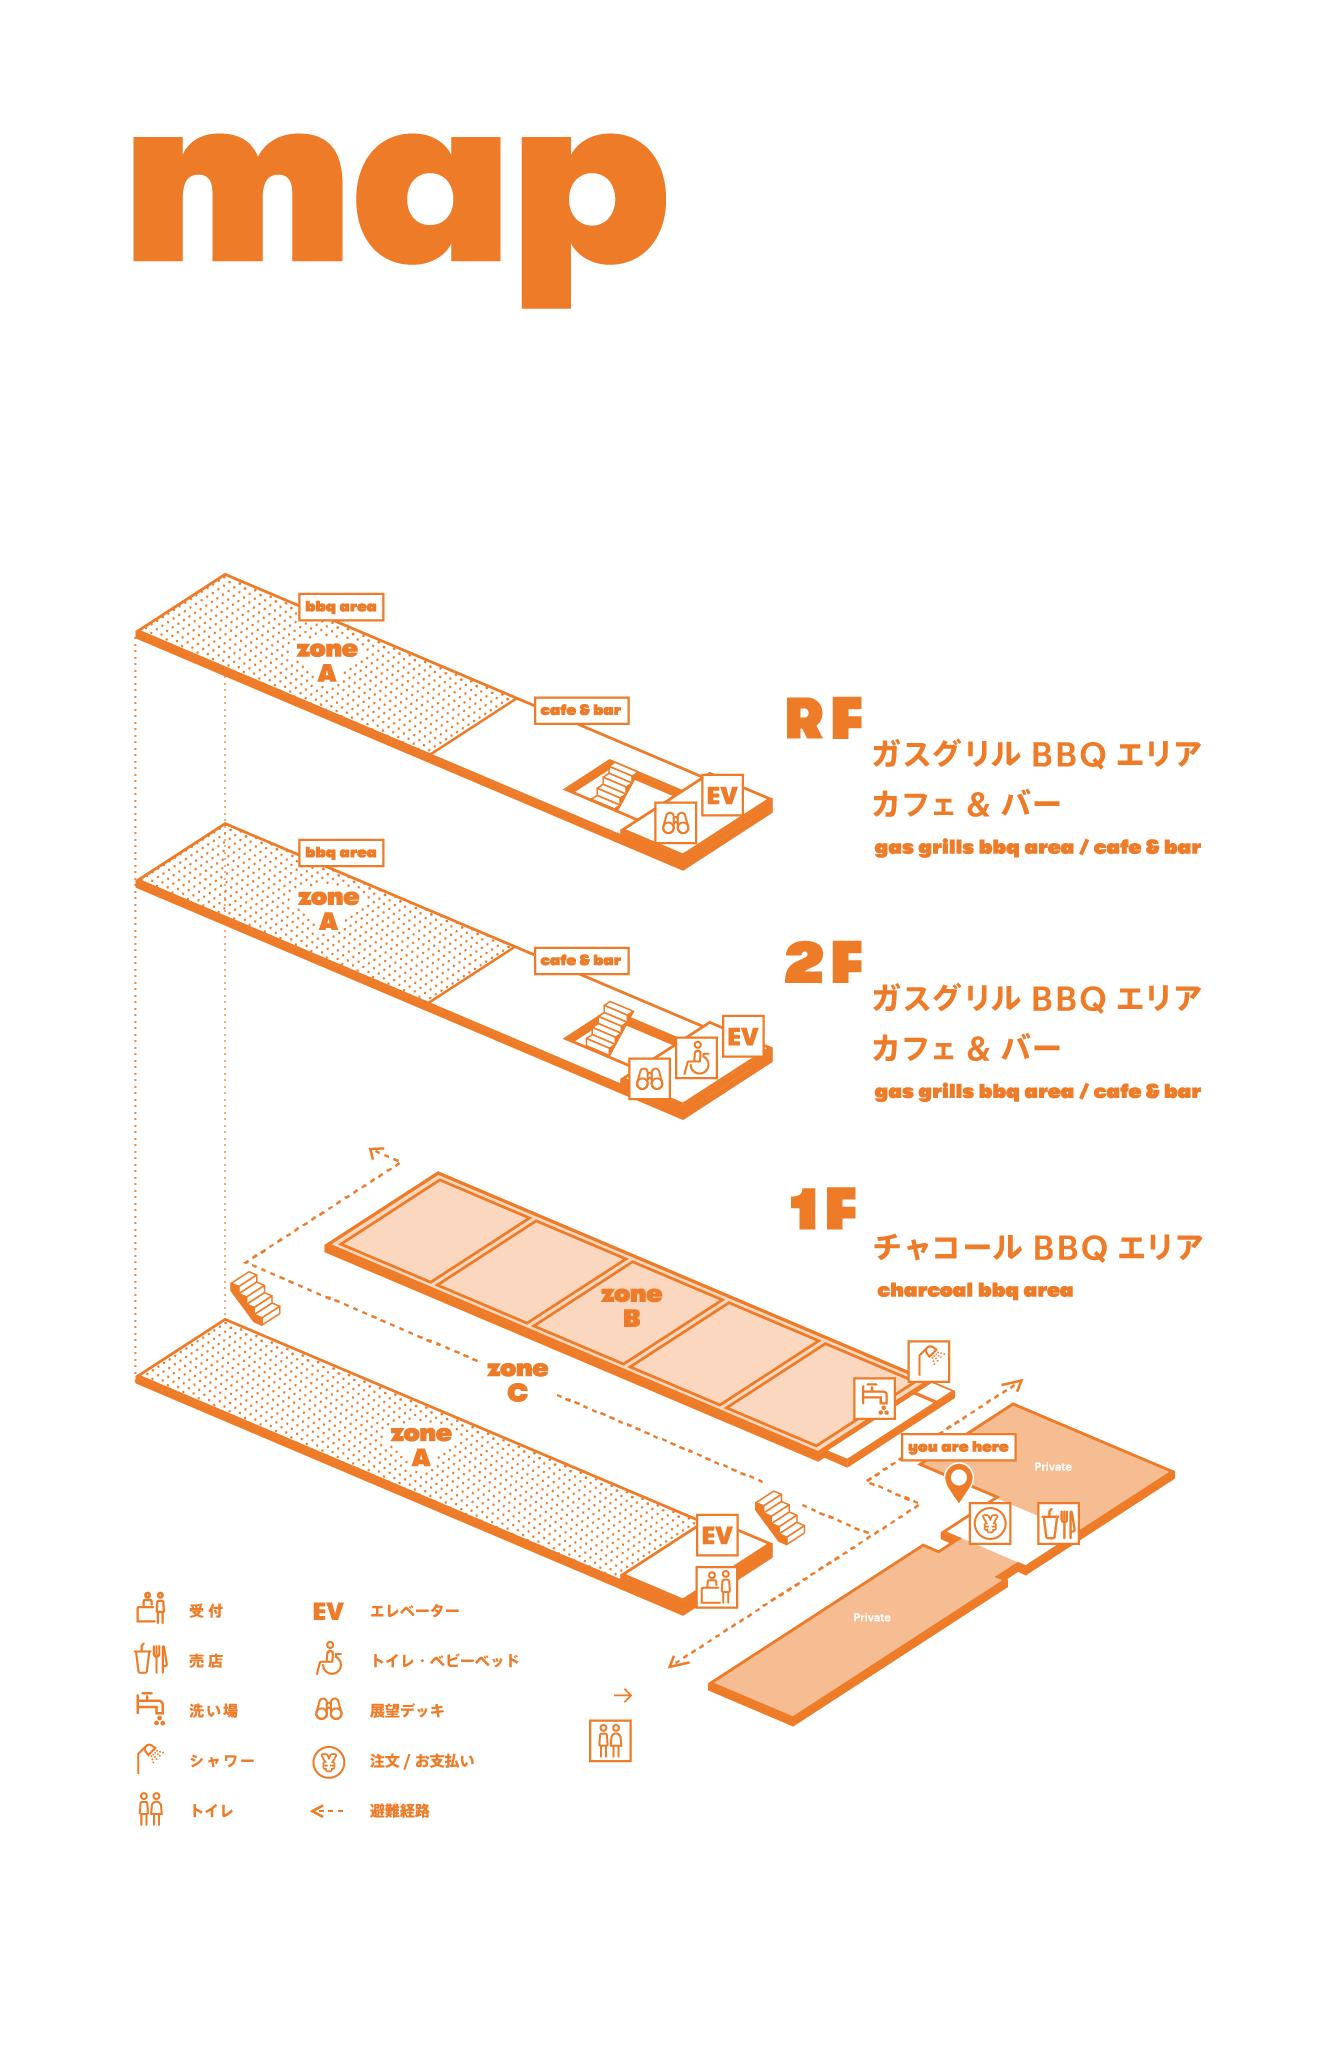 大蔵海岸BBQ_zazazaフロアマップ